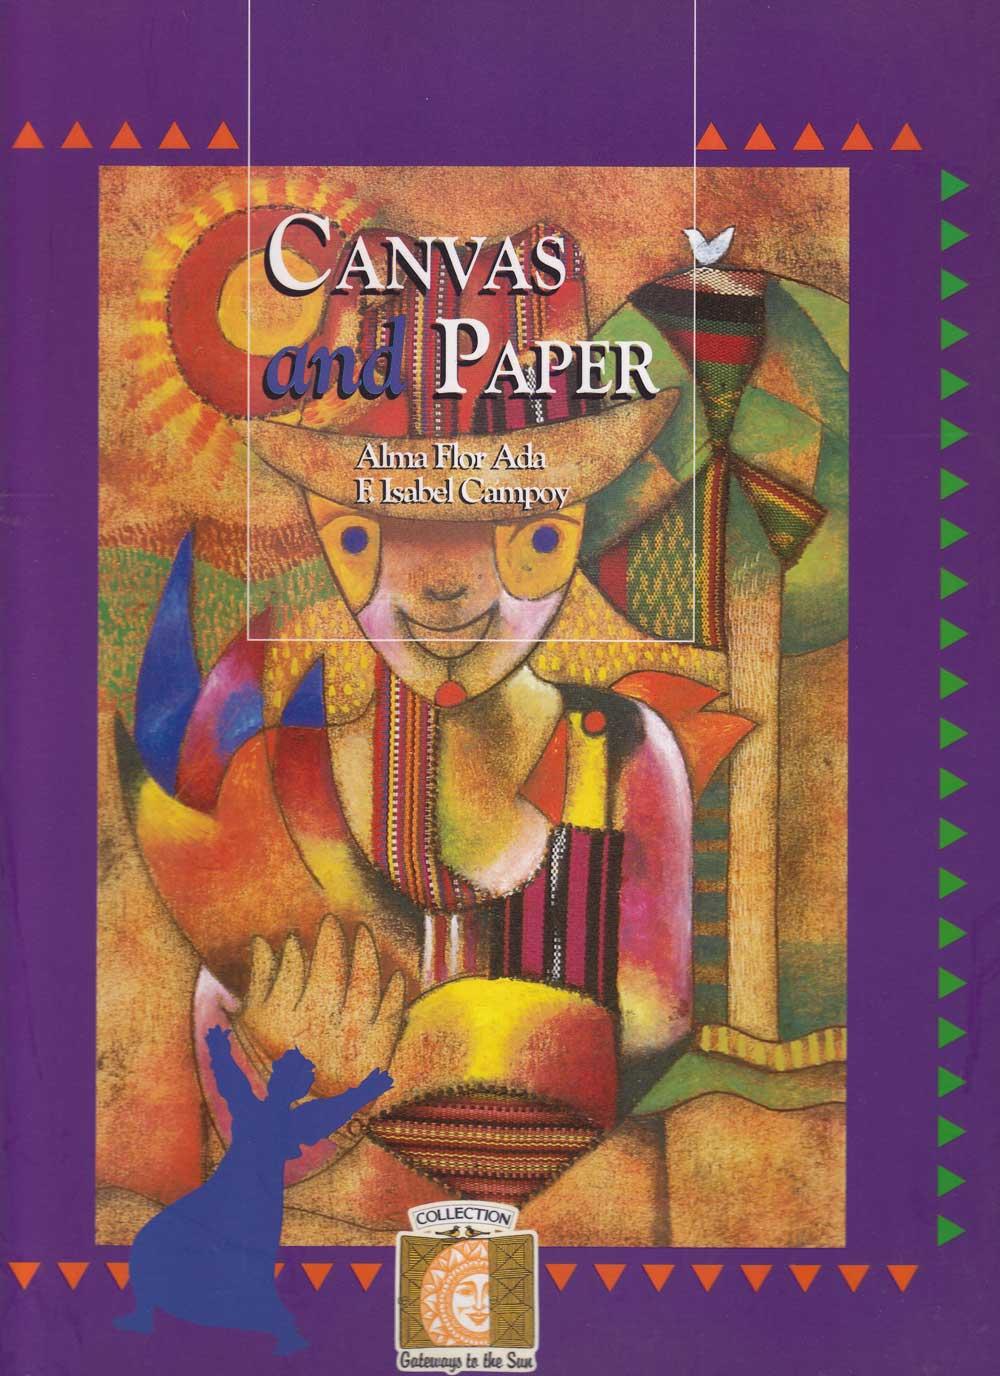 Puertas al sol Arte Collection, Gateways to the Sun Art Collection, Rey Del Sol, Del Sol Books, Del Sol University